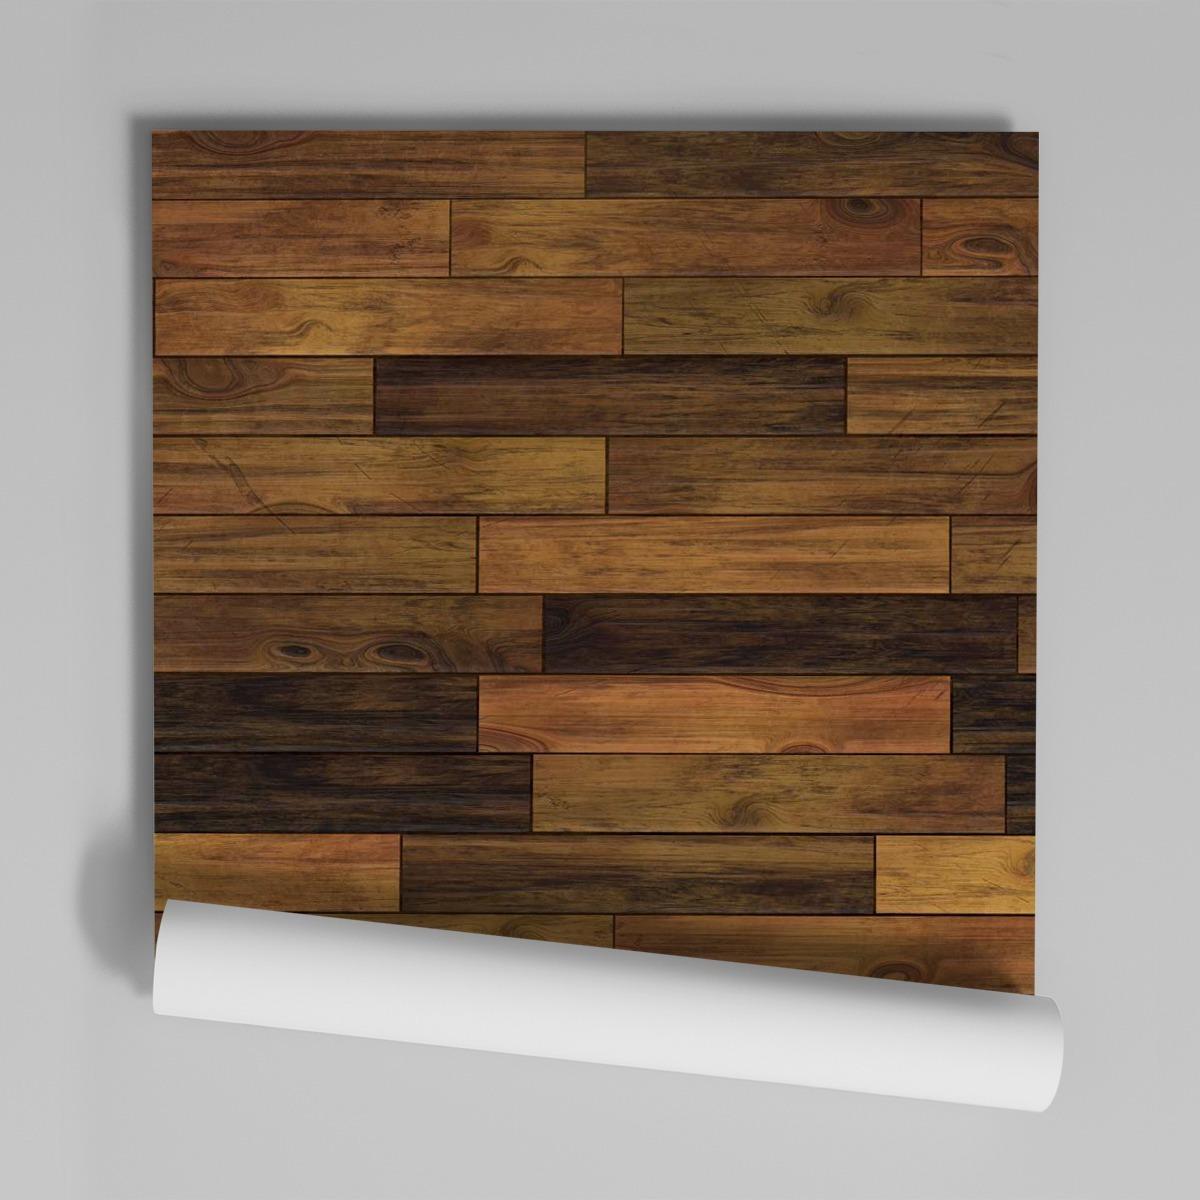 a359bbd33 papel de parede adesivo madeira textura vários modelos md-03. Carregando  zoom.